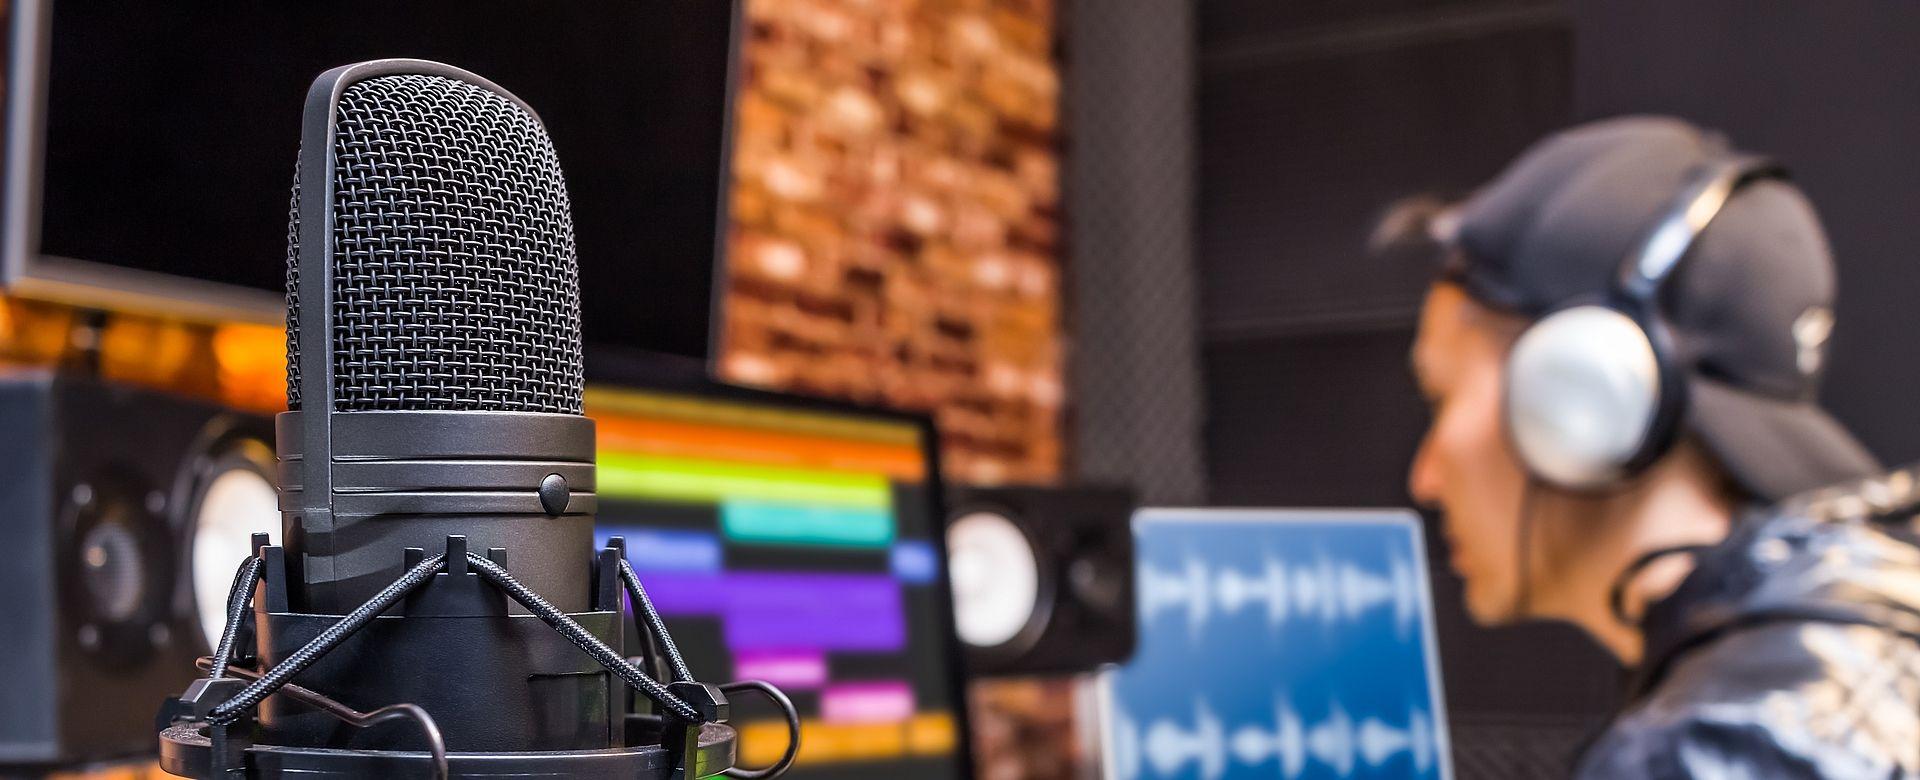 Zeitserver für Audio- und Videoübertragung über DANTE-Netzwerke Exakte Synchronisierung mittels Precision Time Protokoll (PTP) für ein echtzeitkritisches Audionetz.